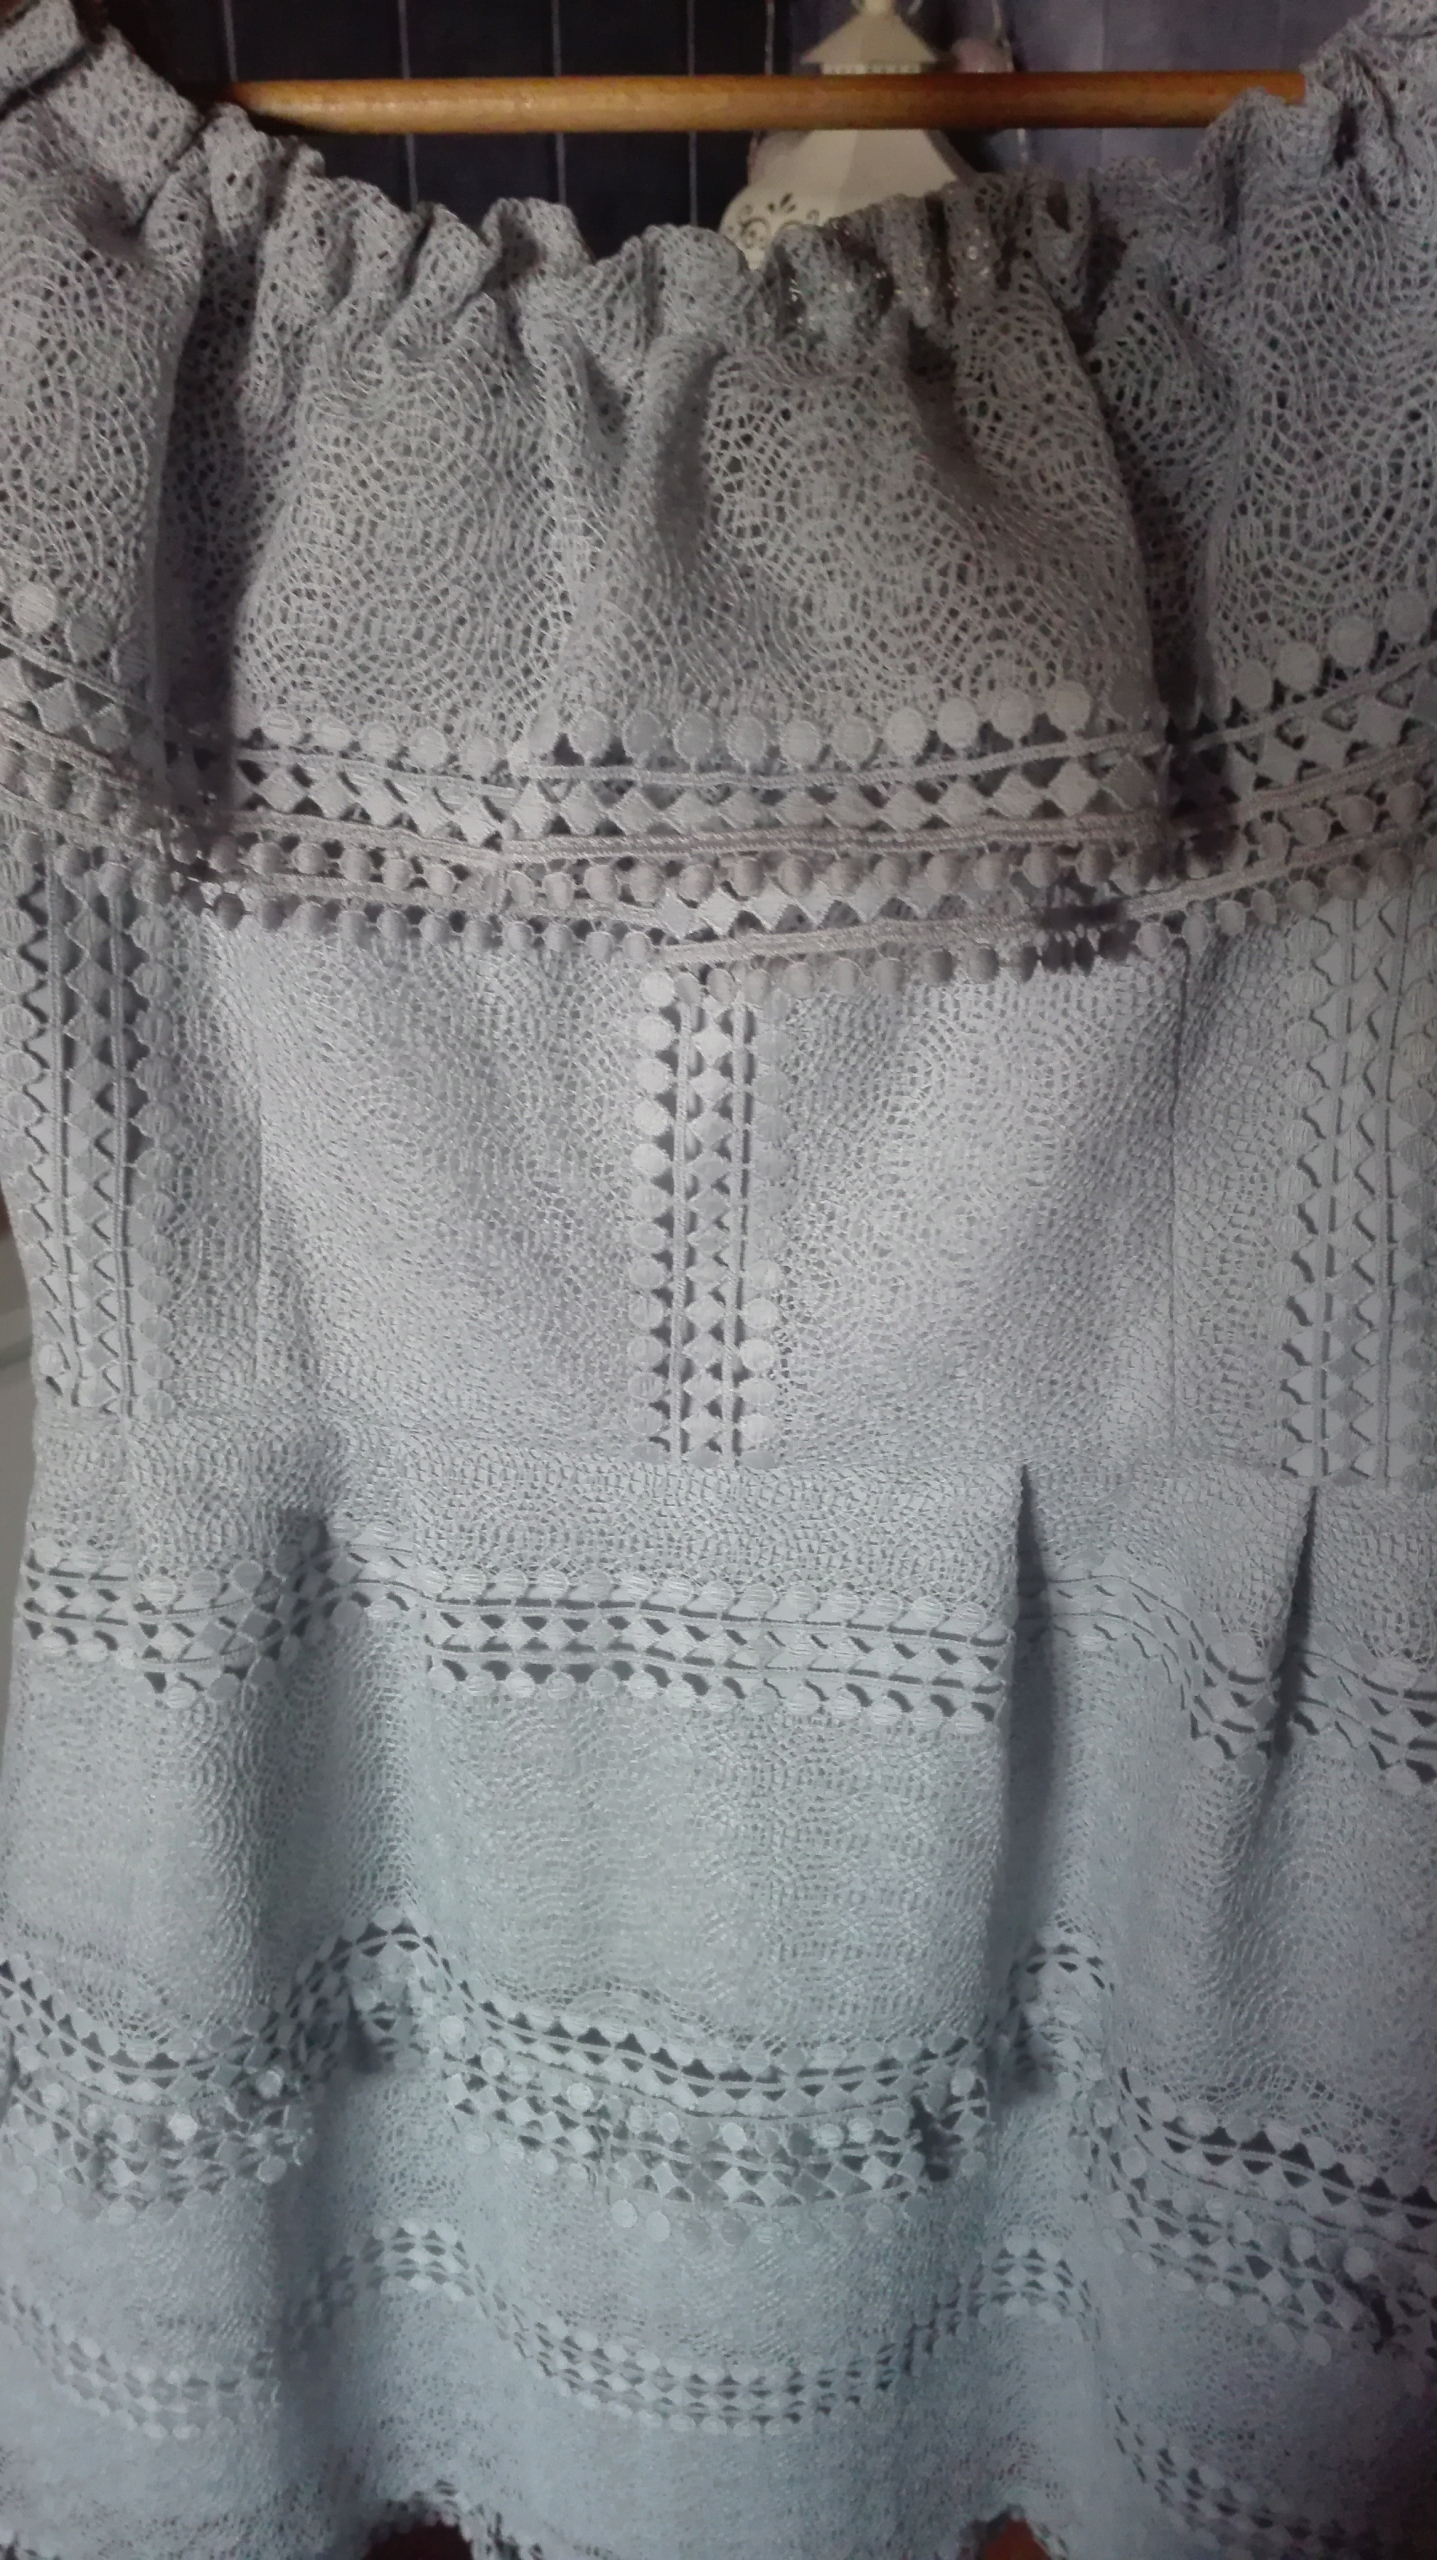 fc8cd14e8c Sukienka koronkowa szara Illuminate Blanca r.M - 7700384885 ...